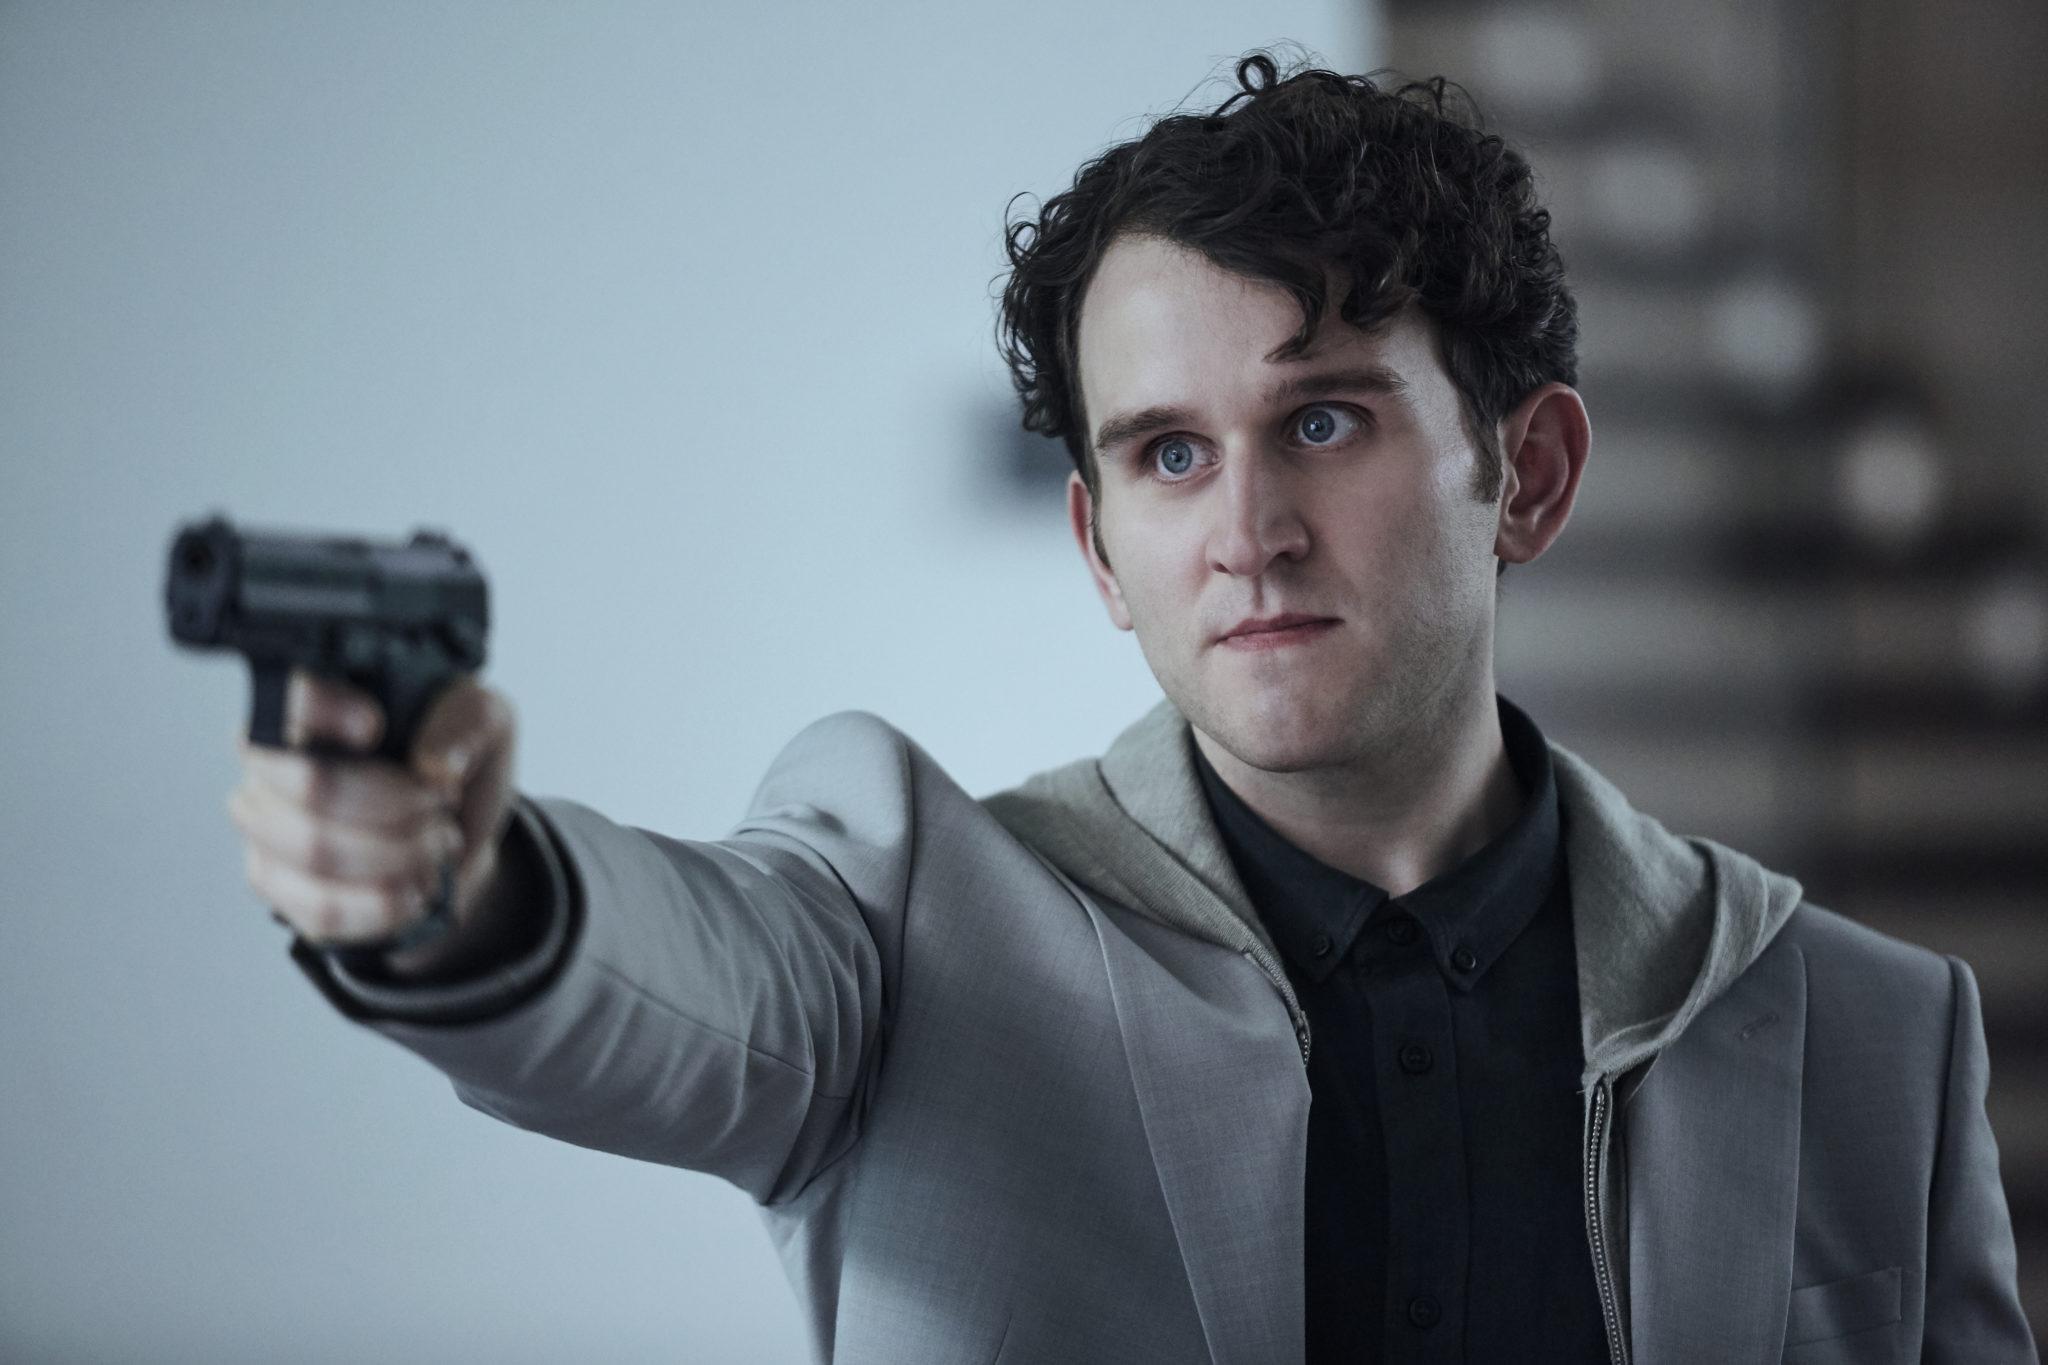 Merrick bedroht sein Gegenüber mit einer Pistole